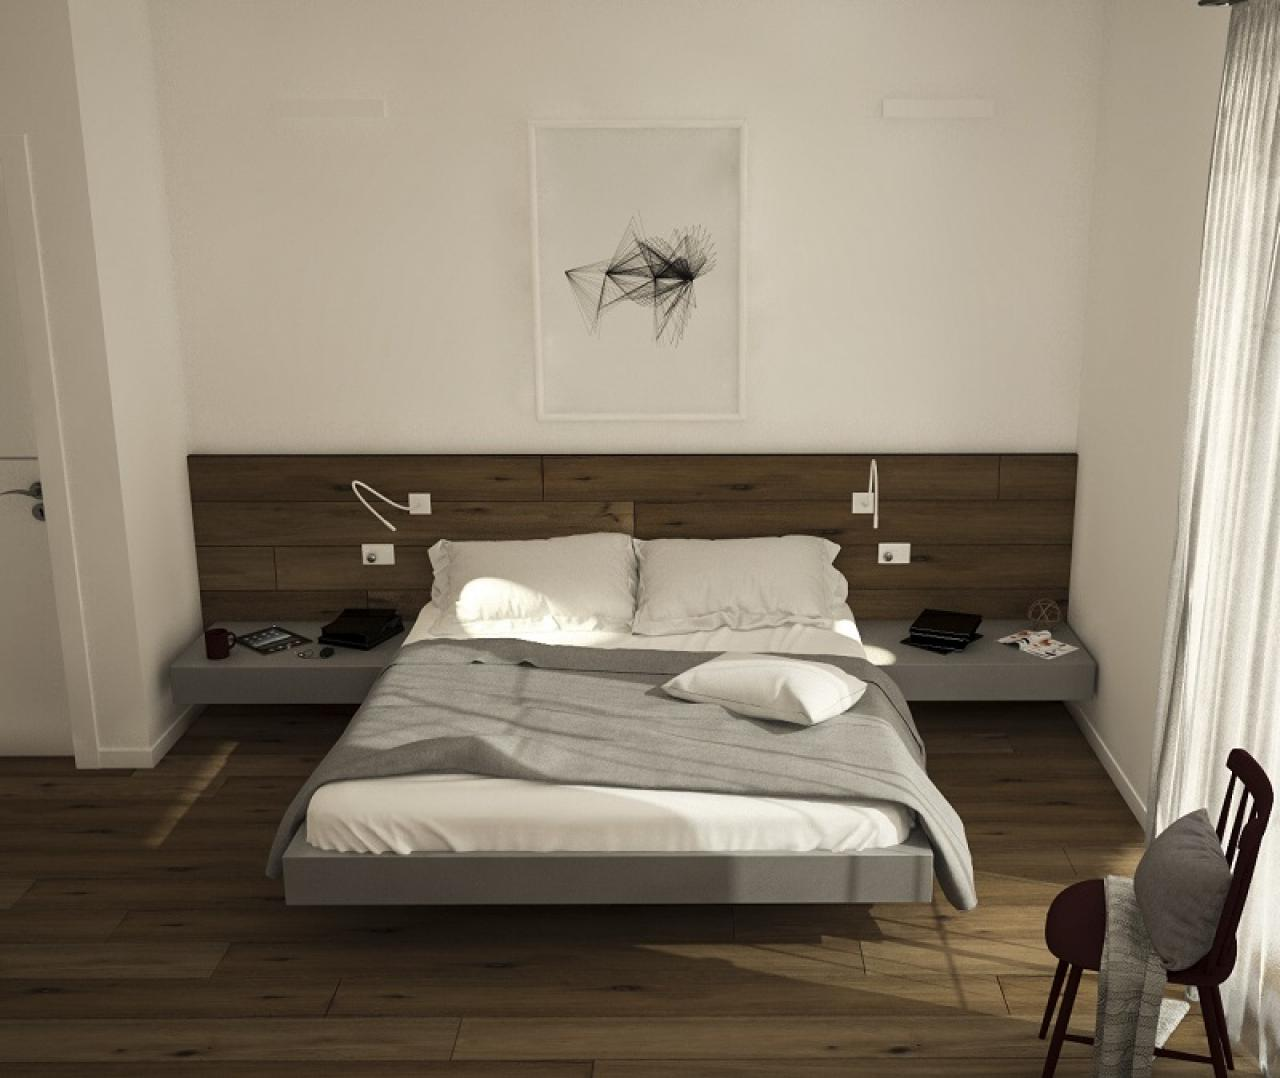 Camere Da Letto Ultramoderne camere da letto moderne | fratelli pellizzari